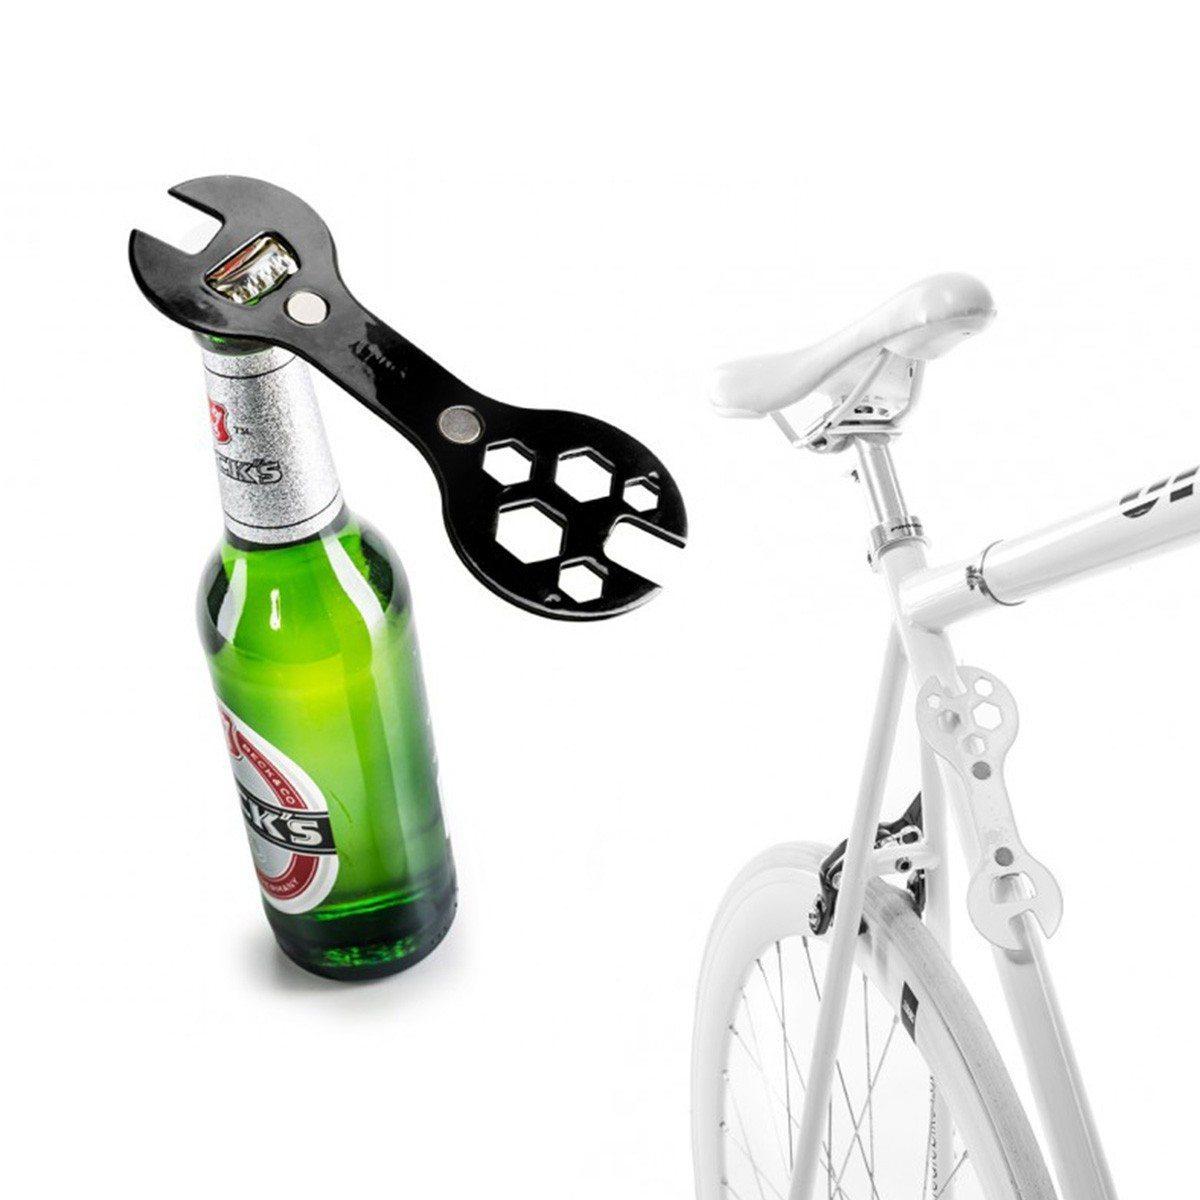 2i1-cykelskruenøgle og flaskeoplukker